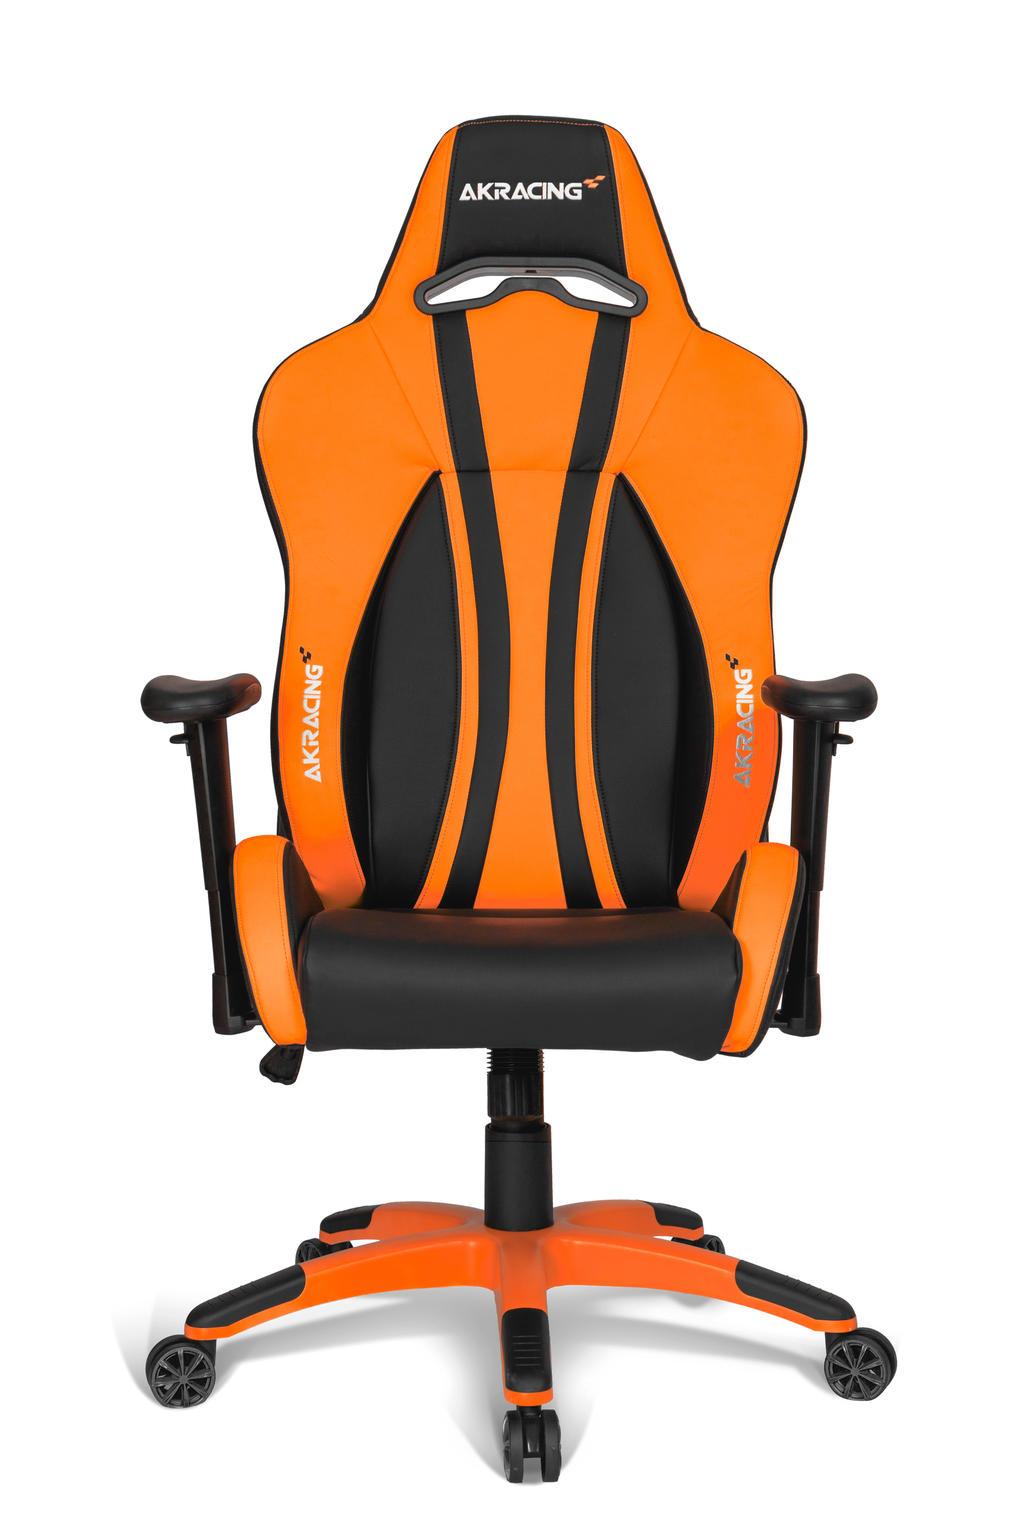 Gaming stoel AKRACING Premium Plus Gaming Chair oranje